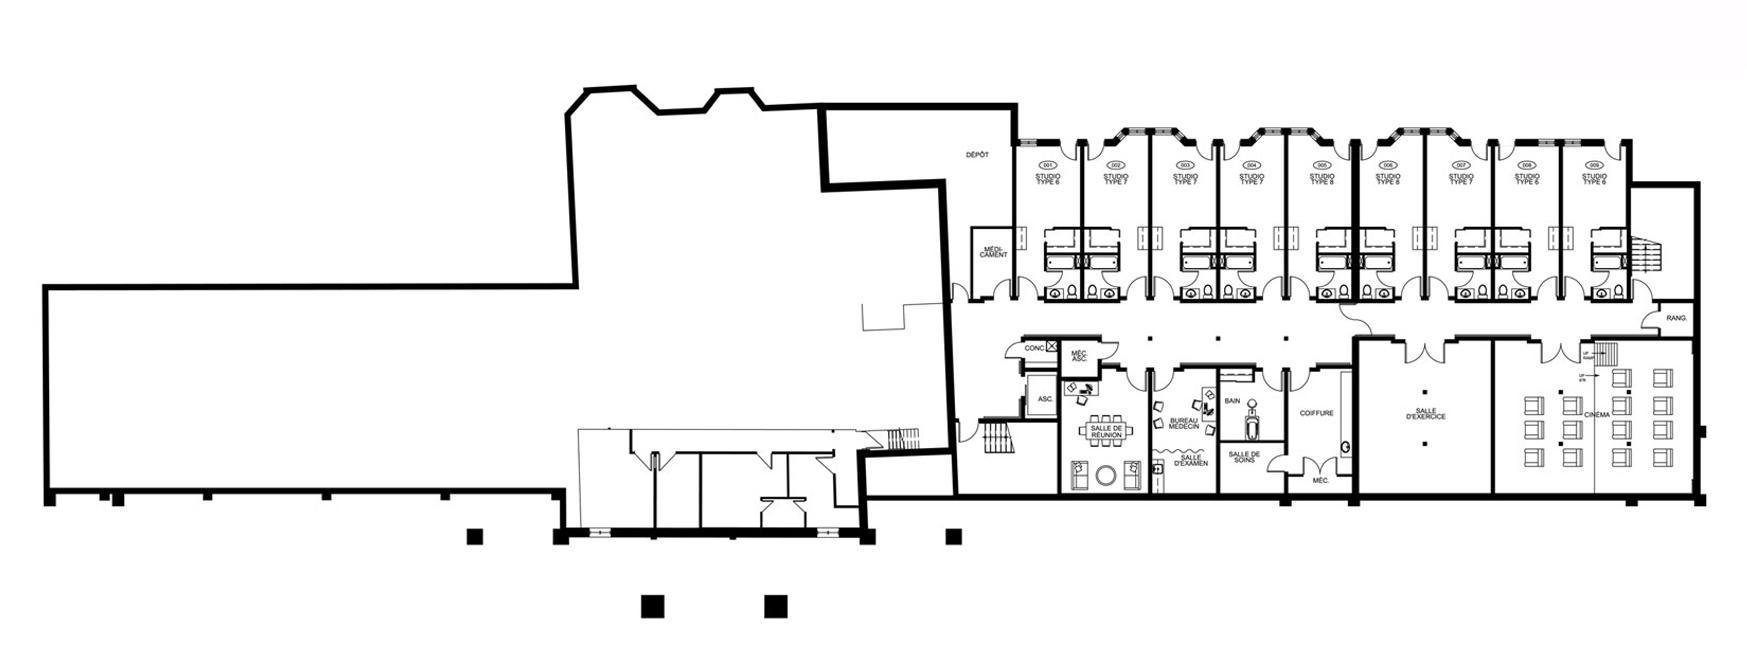 Plan d'étage - Demi Sous-Sol